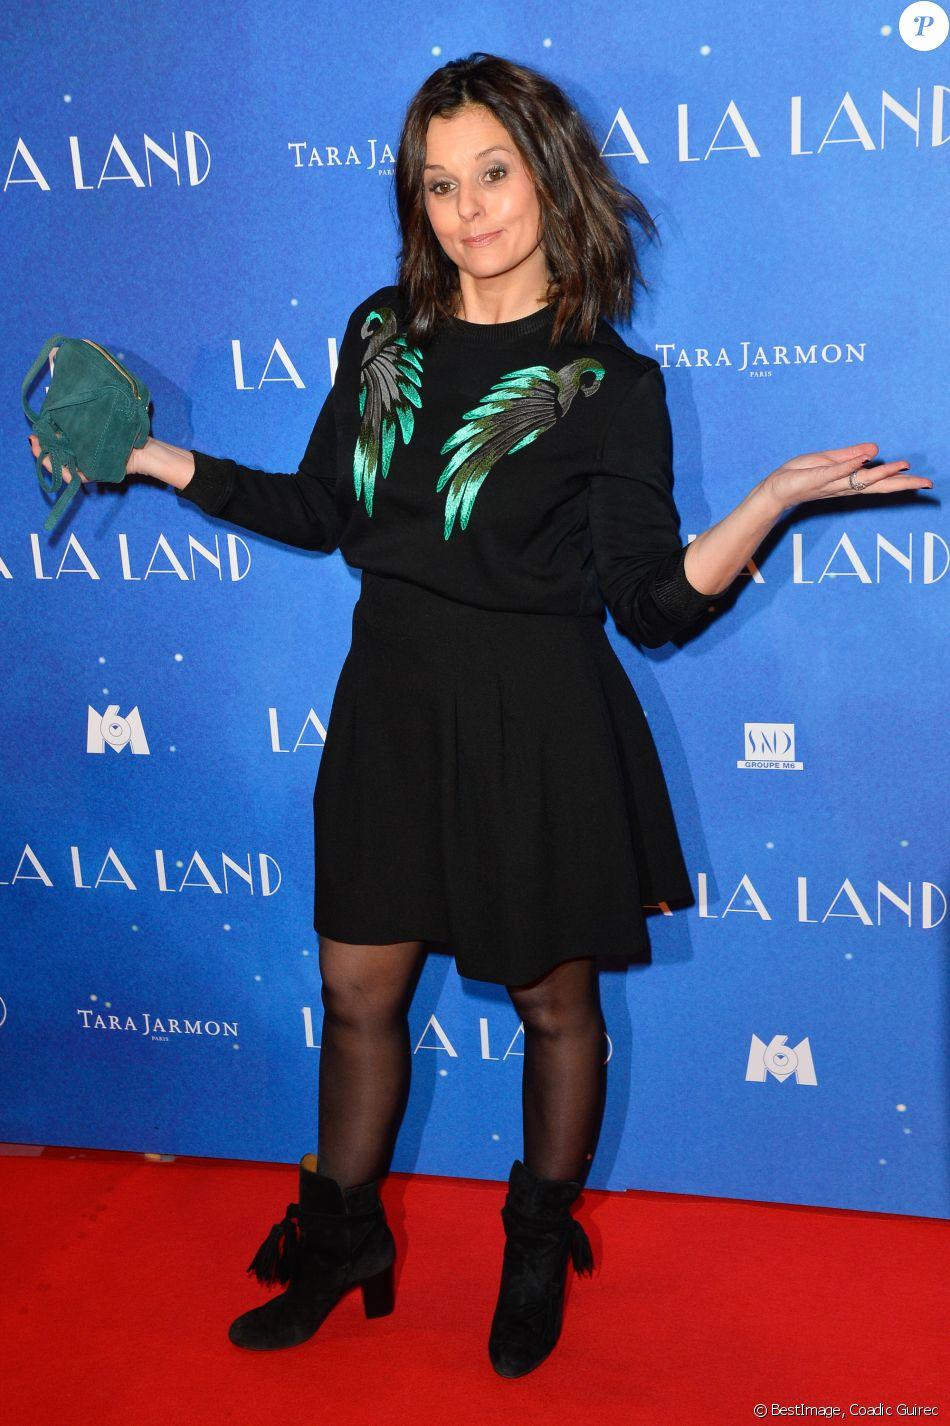 """Faustine Bollaert - Avant-première du film """"La La Land"""" au cinéma UGC Normandie à Paris, le 10 janvier 2017. © Coadic Guirec/Bestimage"""